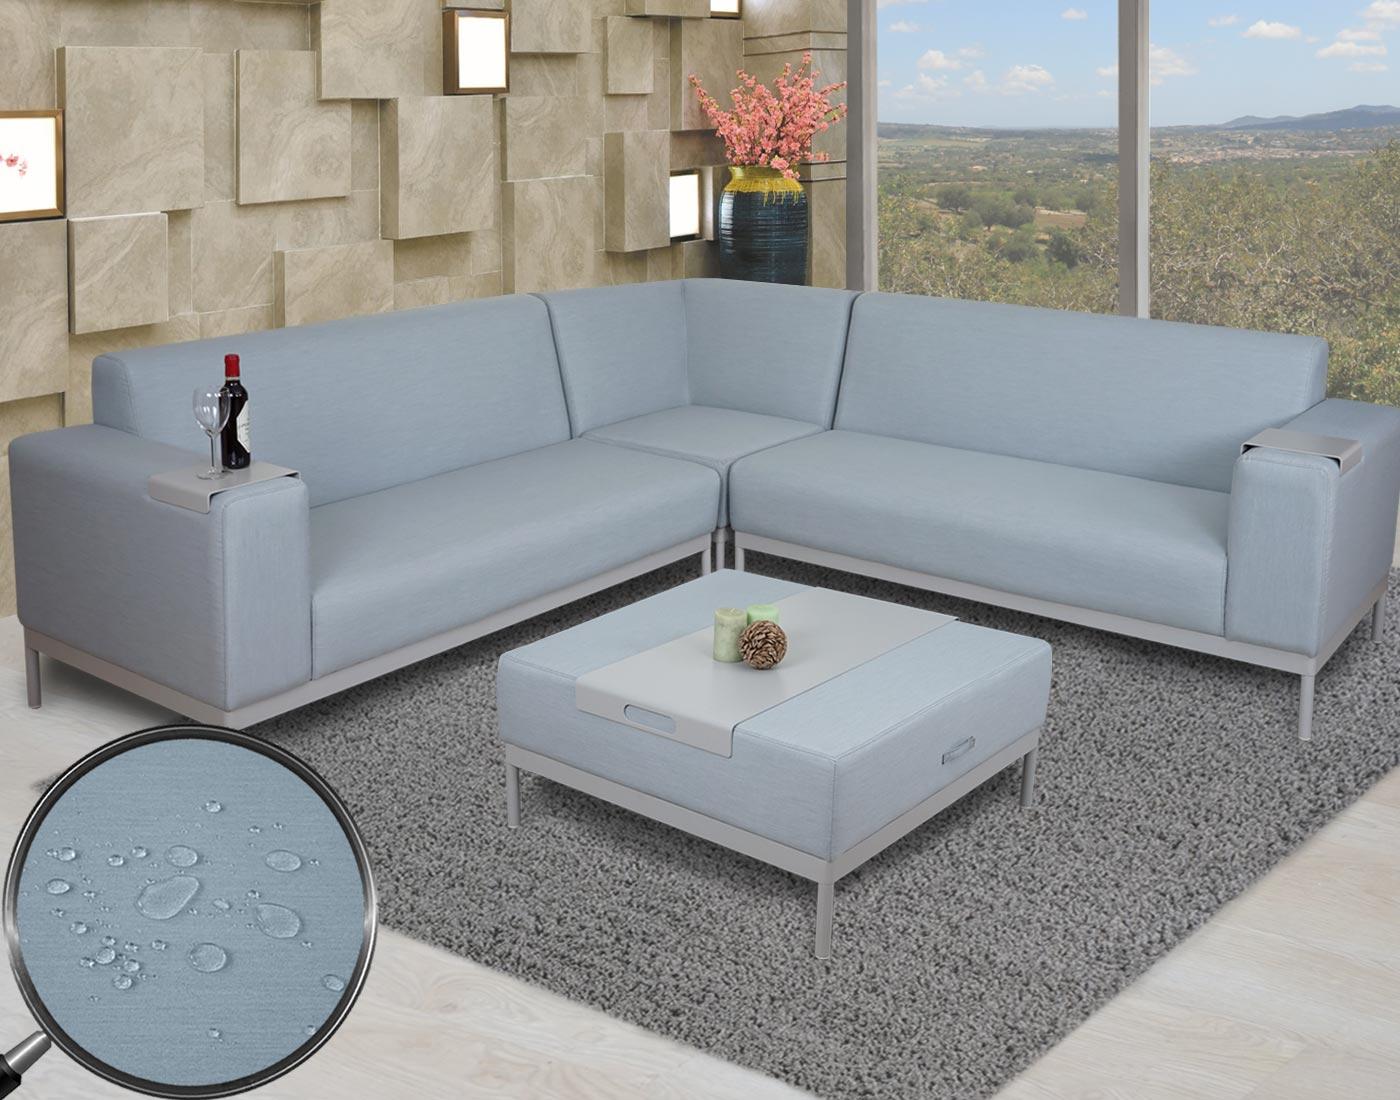 ecksofa hwc-c47, sofa loungesofa couch, stoff/textil indoor